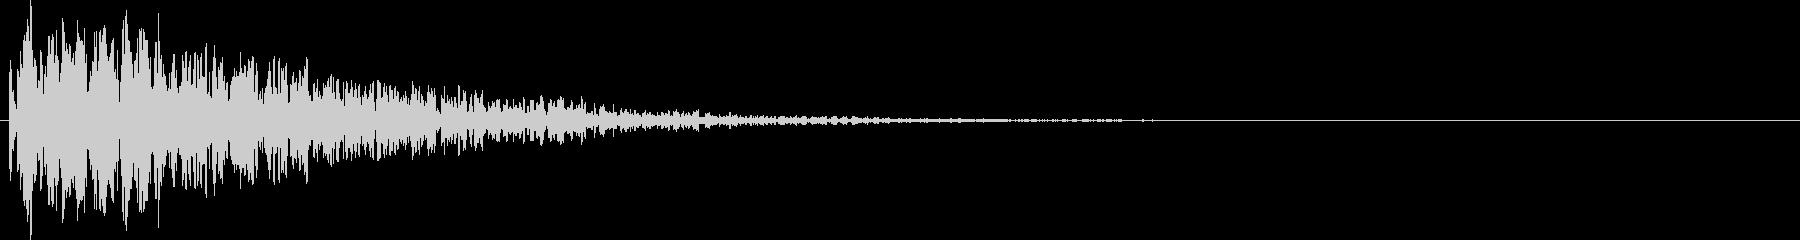 ボーン。爆弾などの爆発音Cの未再生の波形